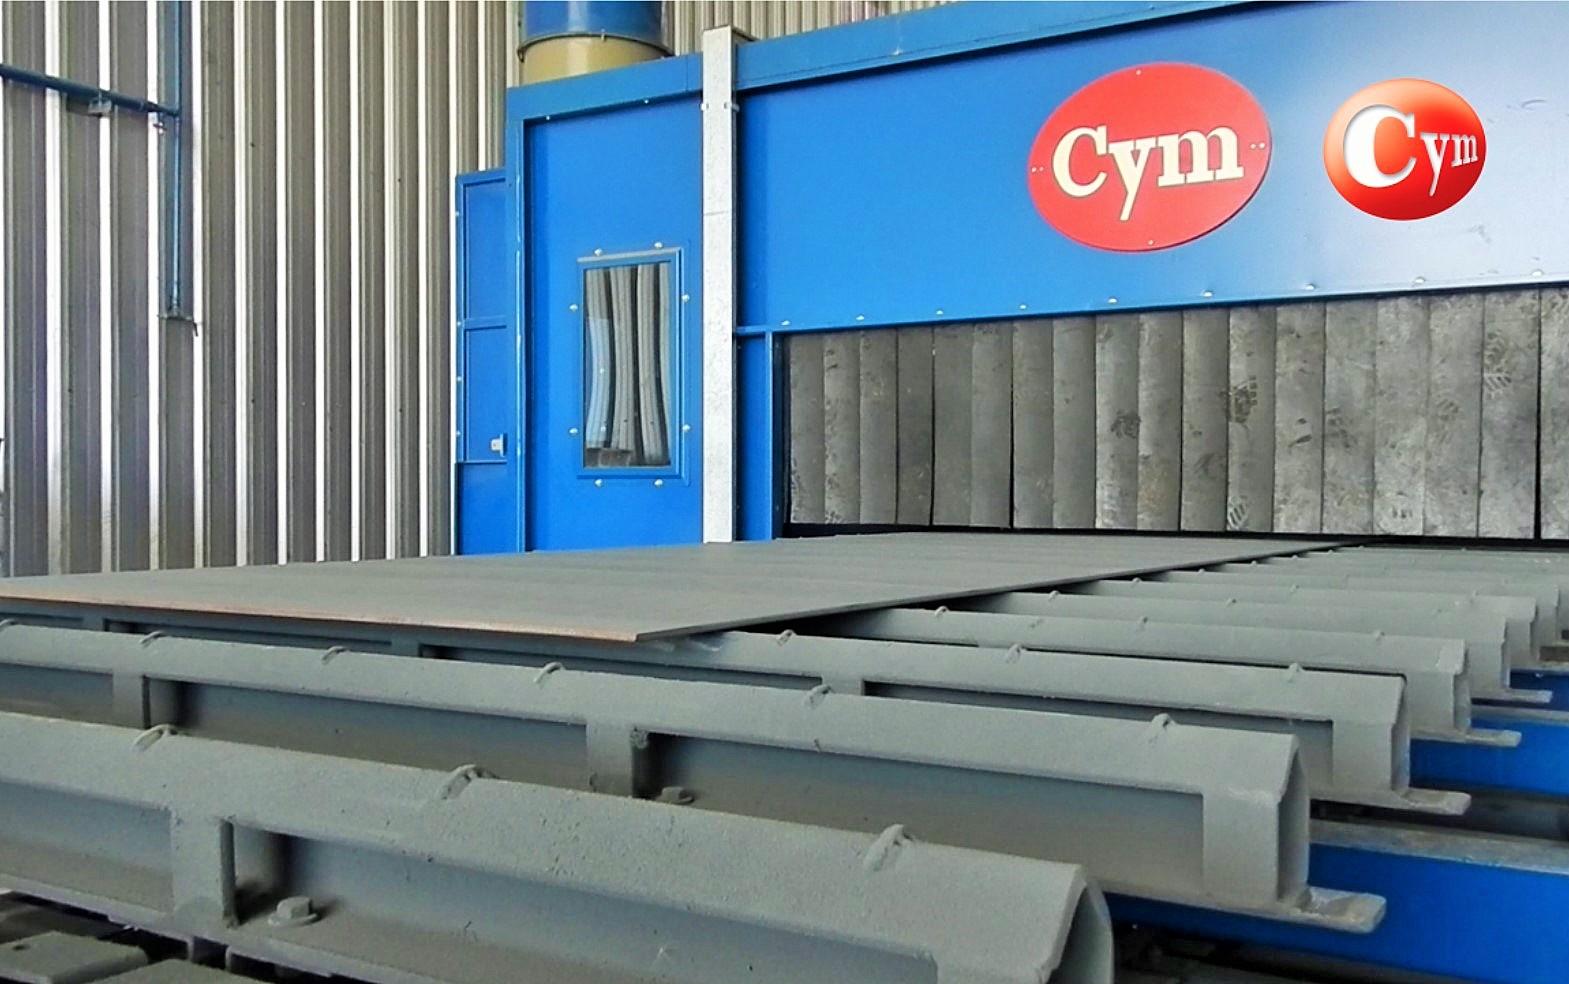 linea-de-granallado-y-pintado-de-chapas-pasaje-horizontal-transportador-de-cadena-pintura-CH2.5H-cym